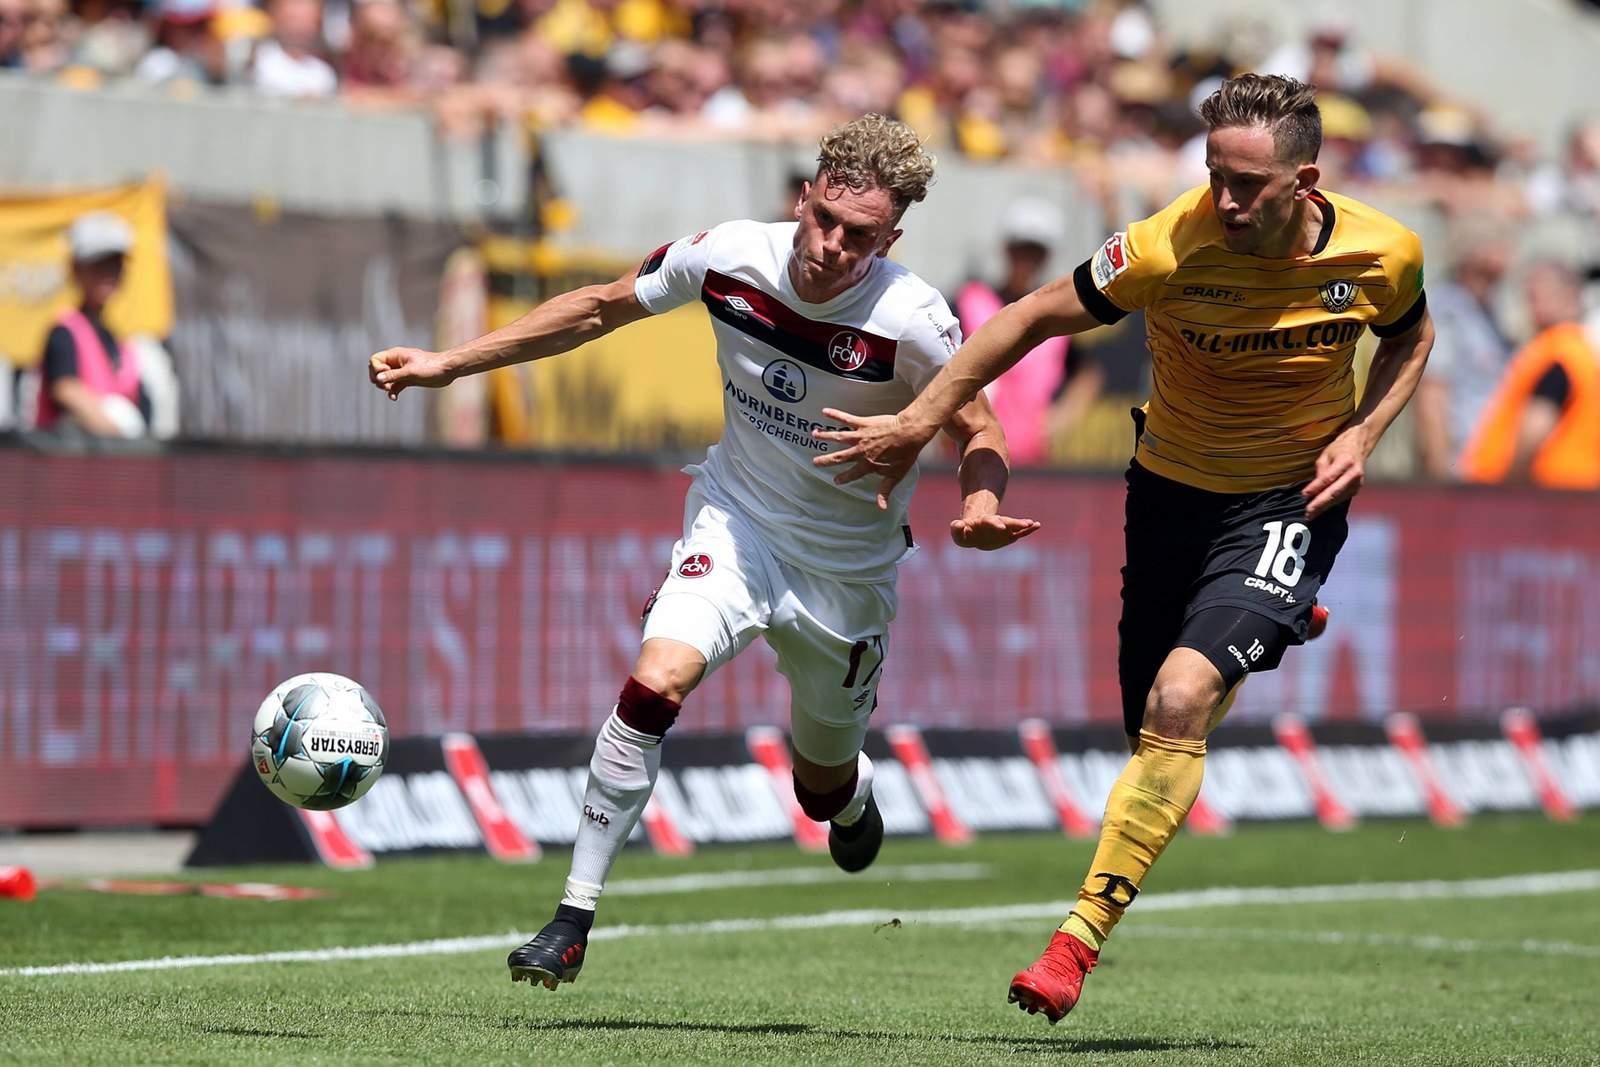 Setzt sich Müller gegen Hack durch? Jetzt auf Nürnberg gegen Dynamo Dresden wetten